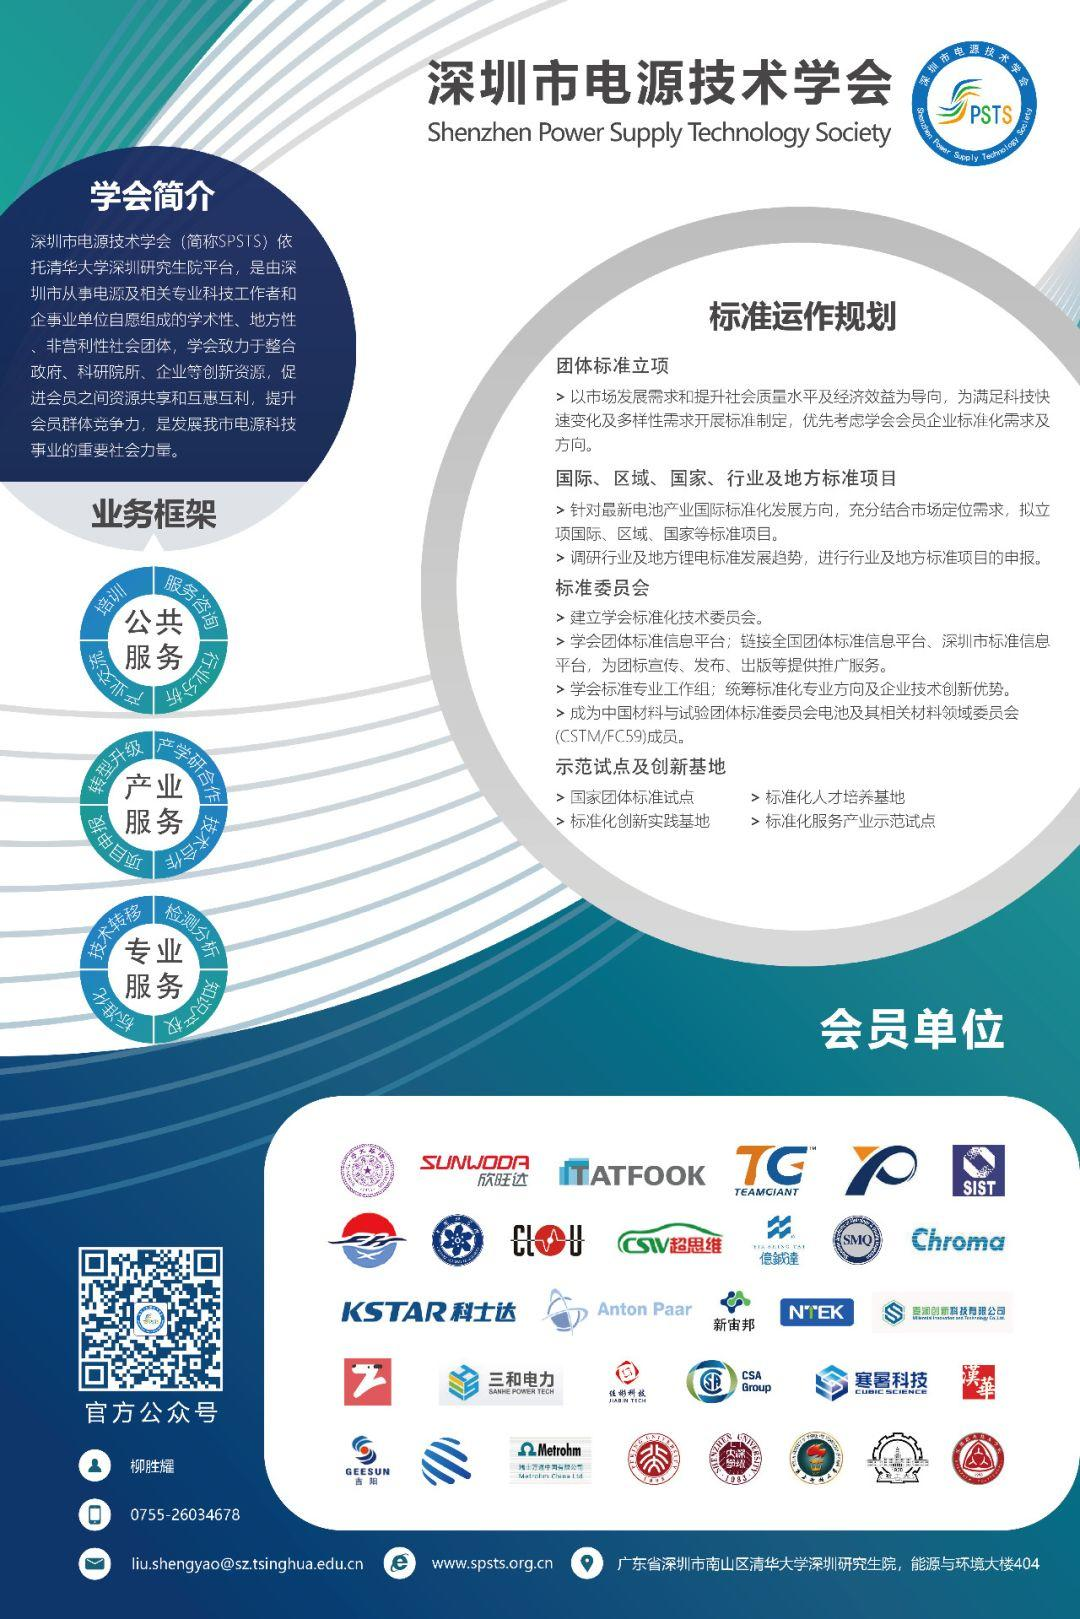 学会公告| 关于发布《锂离子电池储能系统的功能安全规范》等七项团体标准的公告